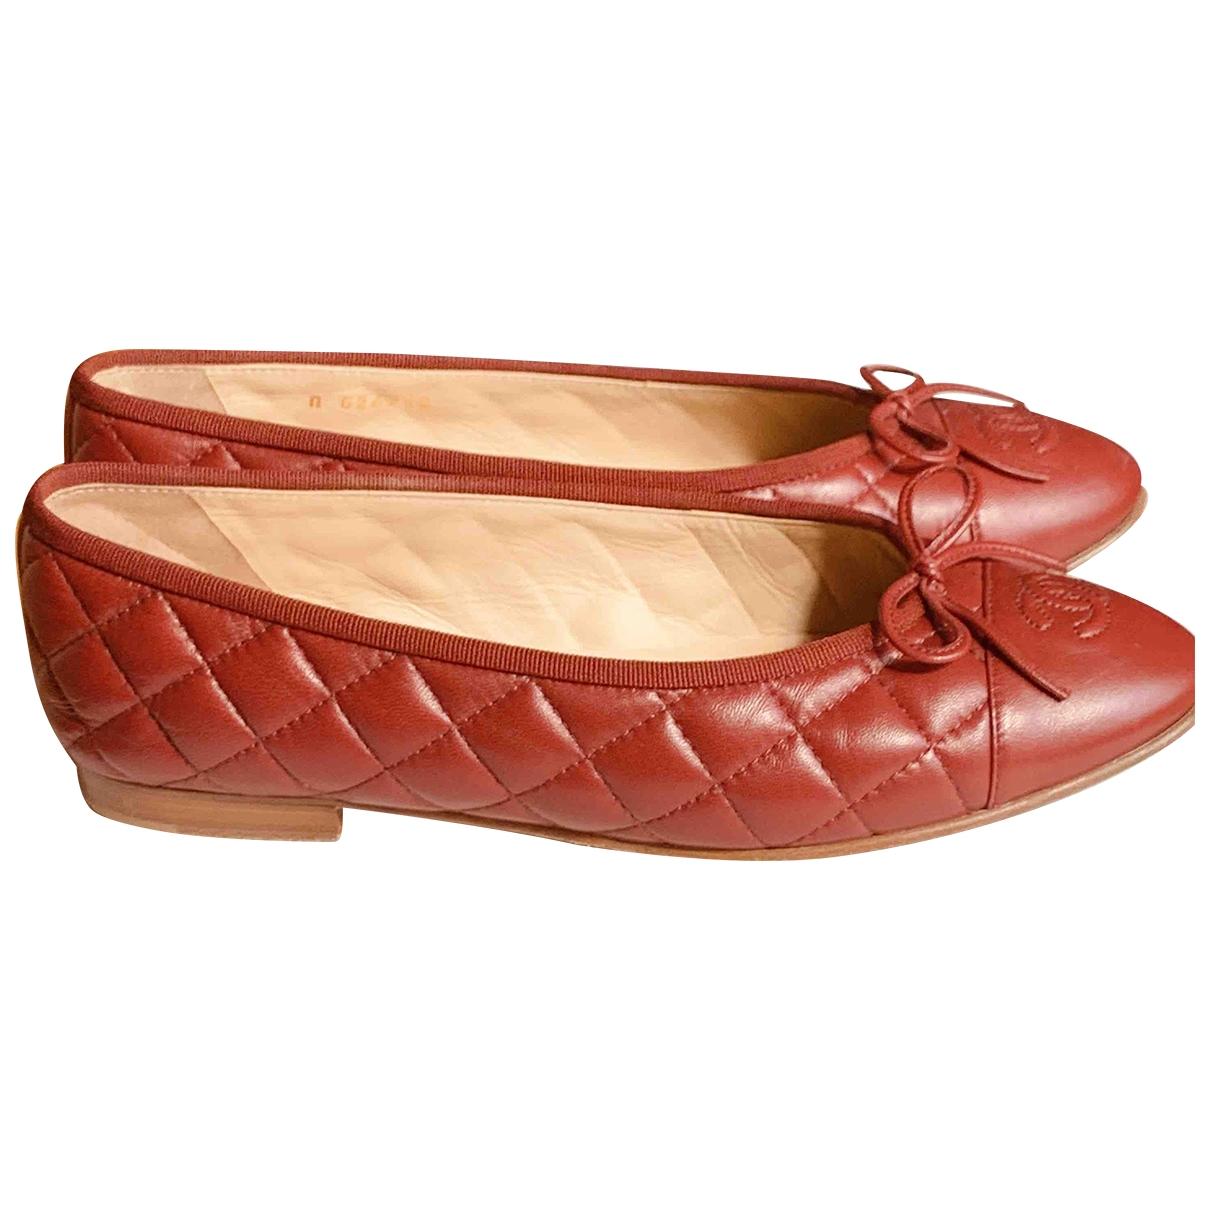 Chanel - Ballerines   pour femme en cuir - bordeaux